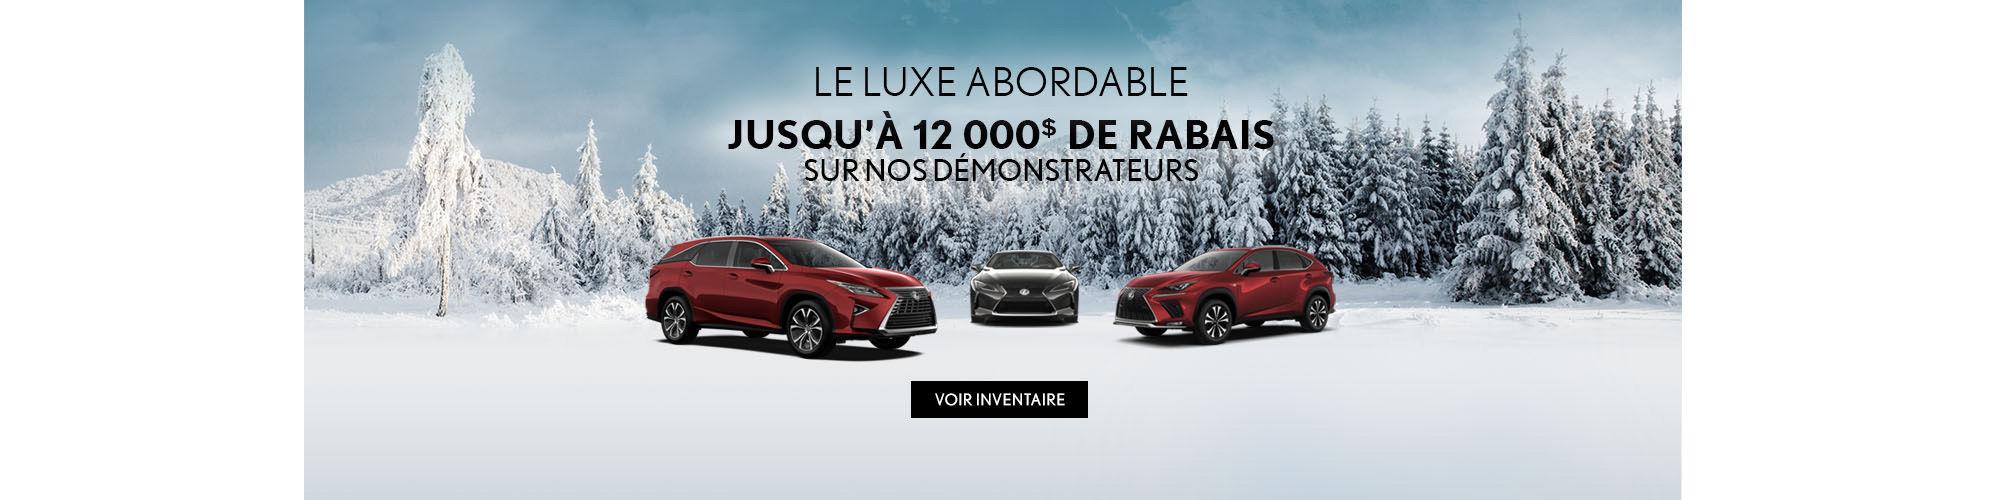 Vente Démonstrateur Lexus